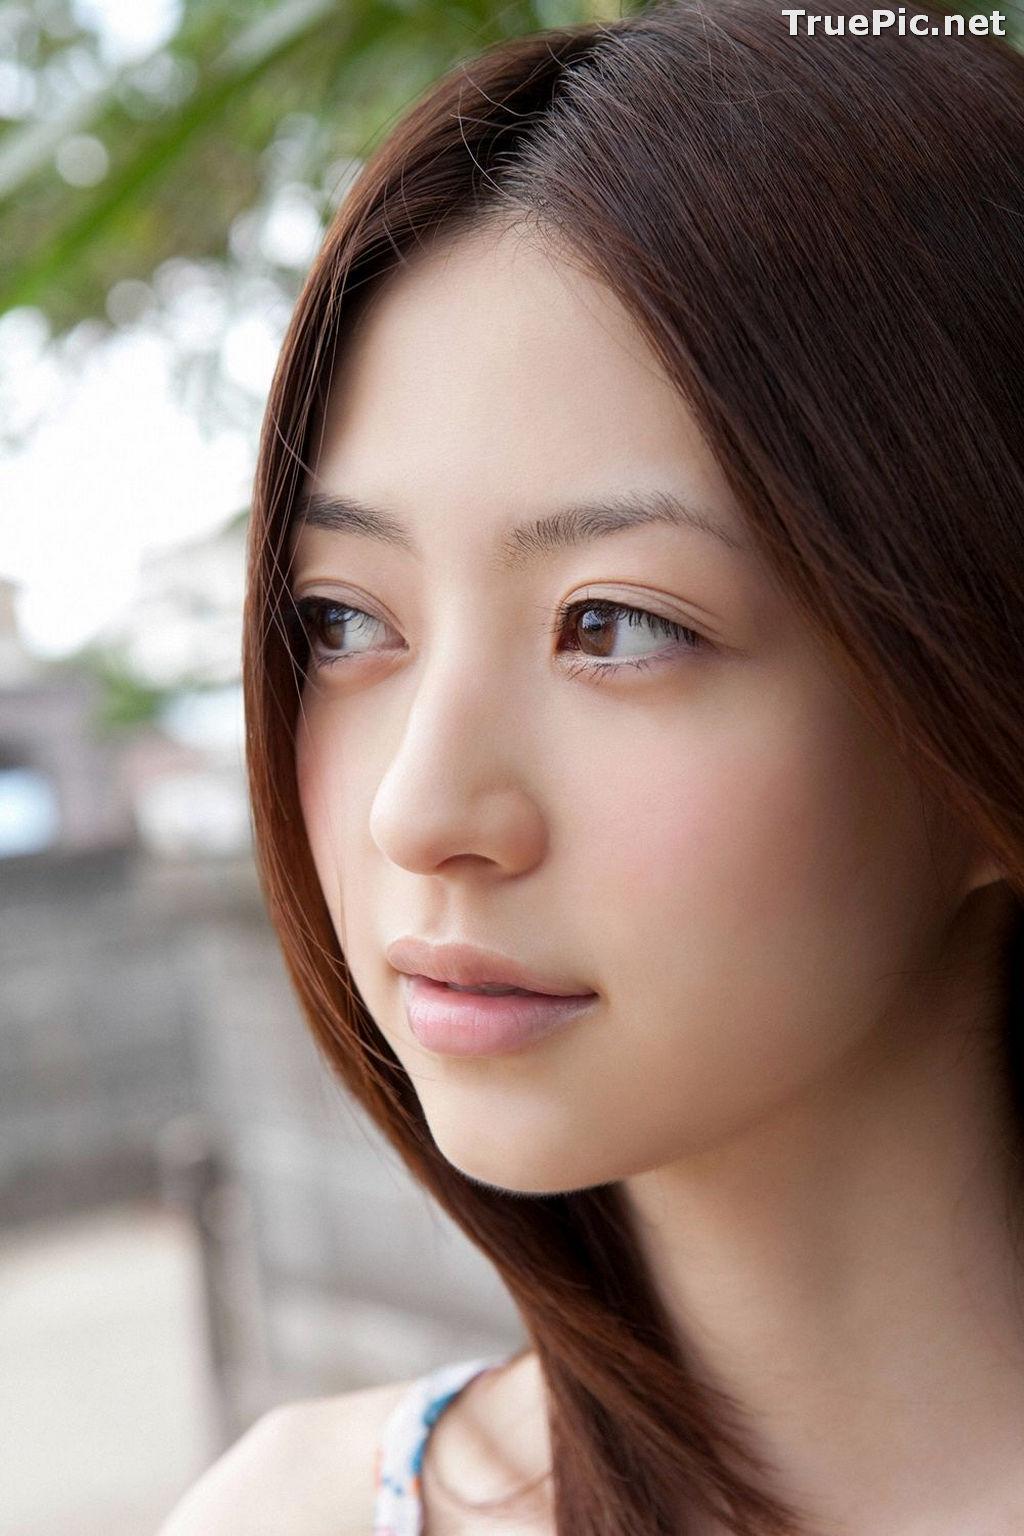 Image YS Web Vol.497 - Japanese Actress and Gravure Idol - Rina Aizawa - TruePic.net - Picture-5